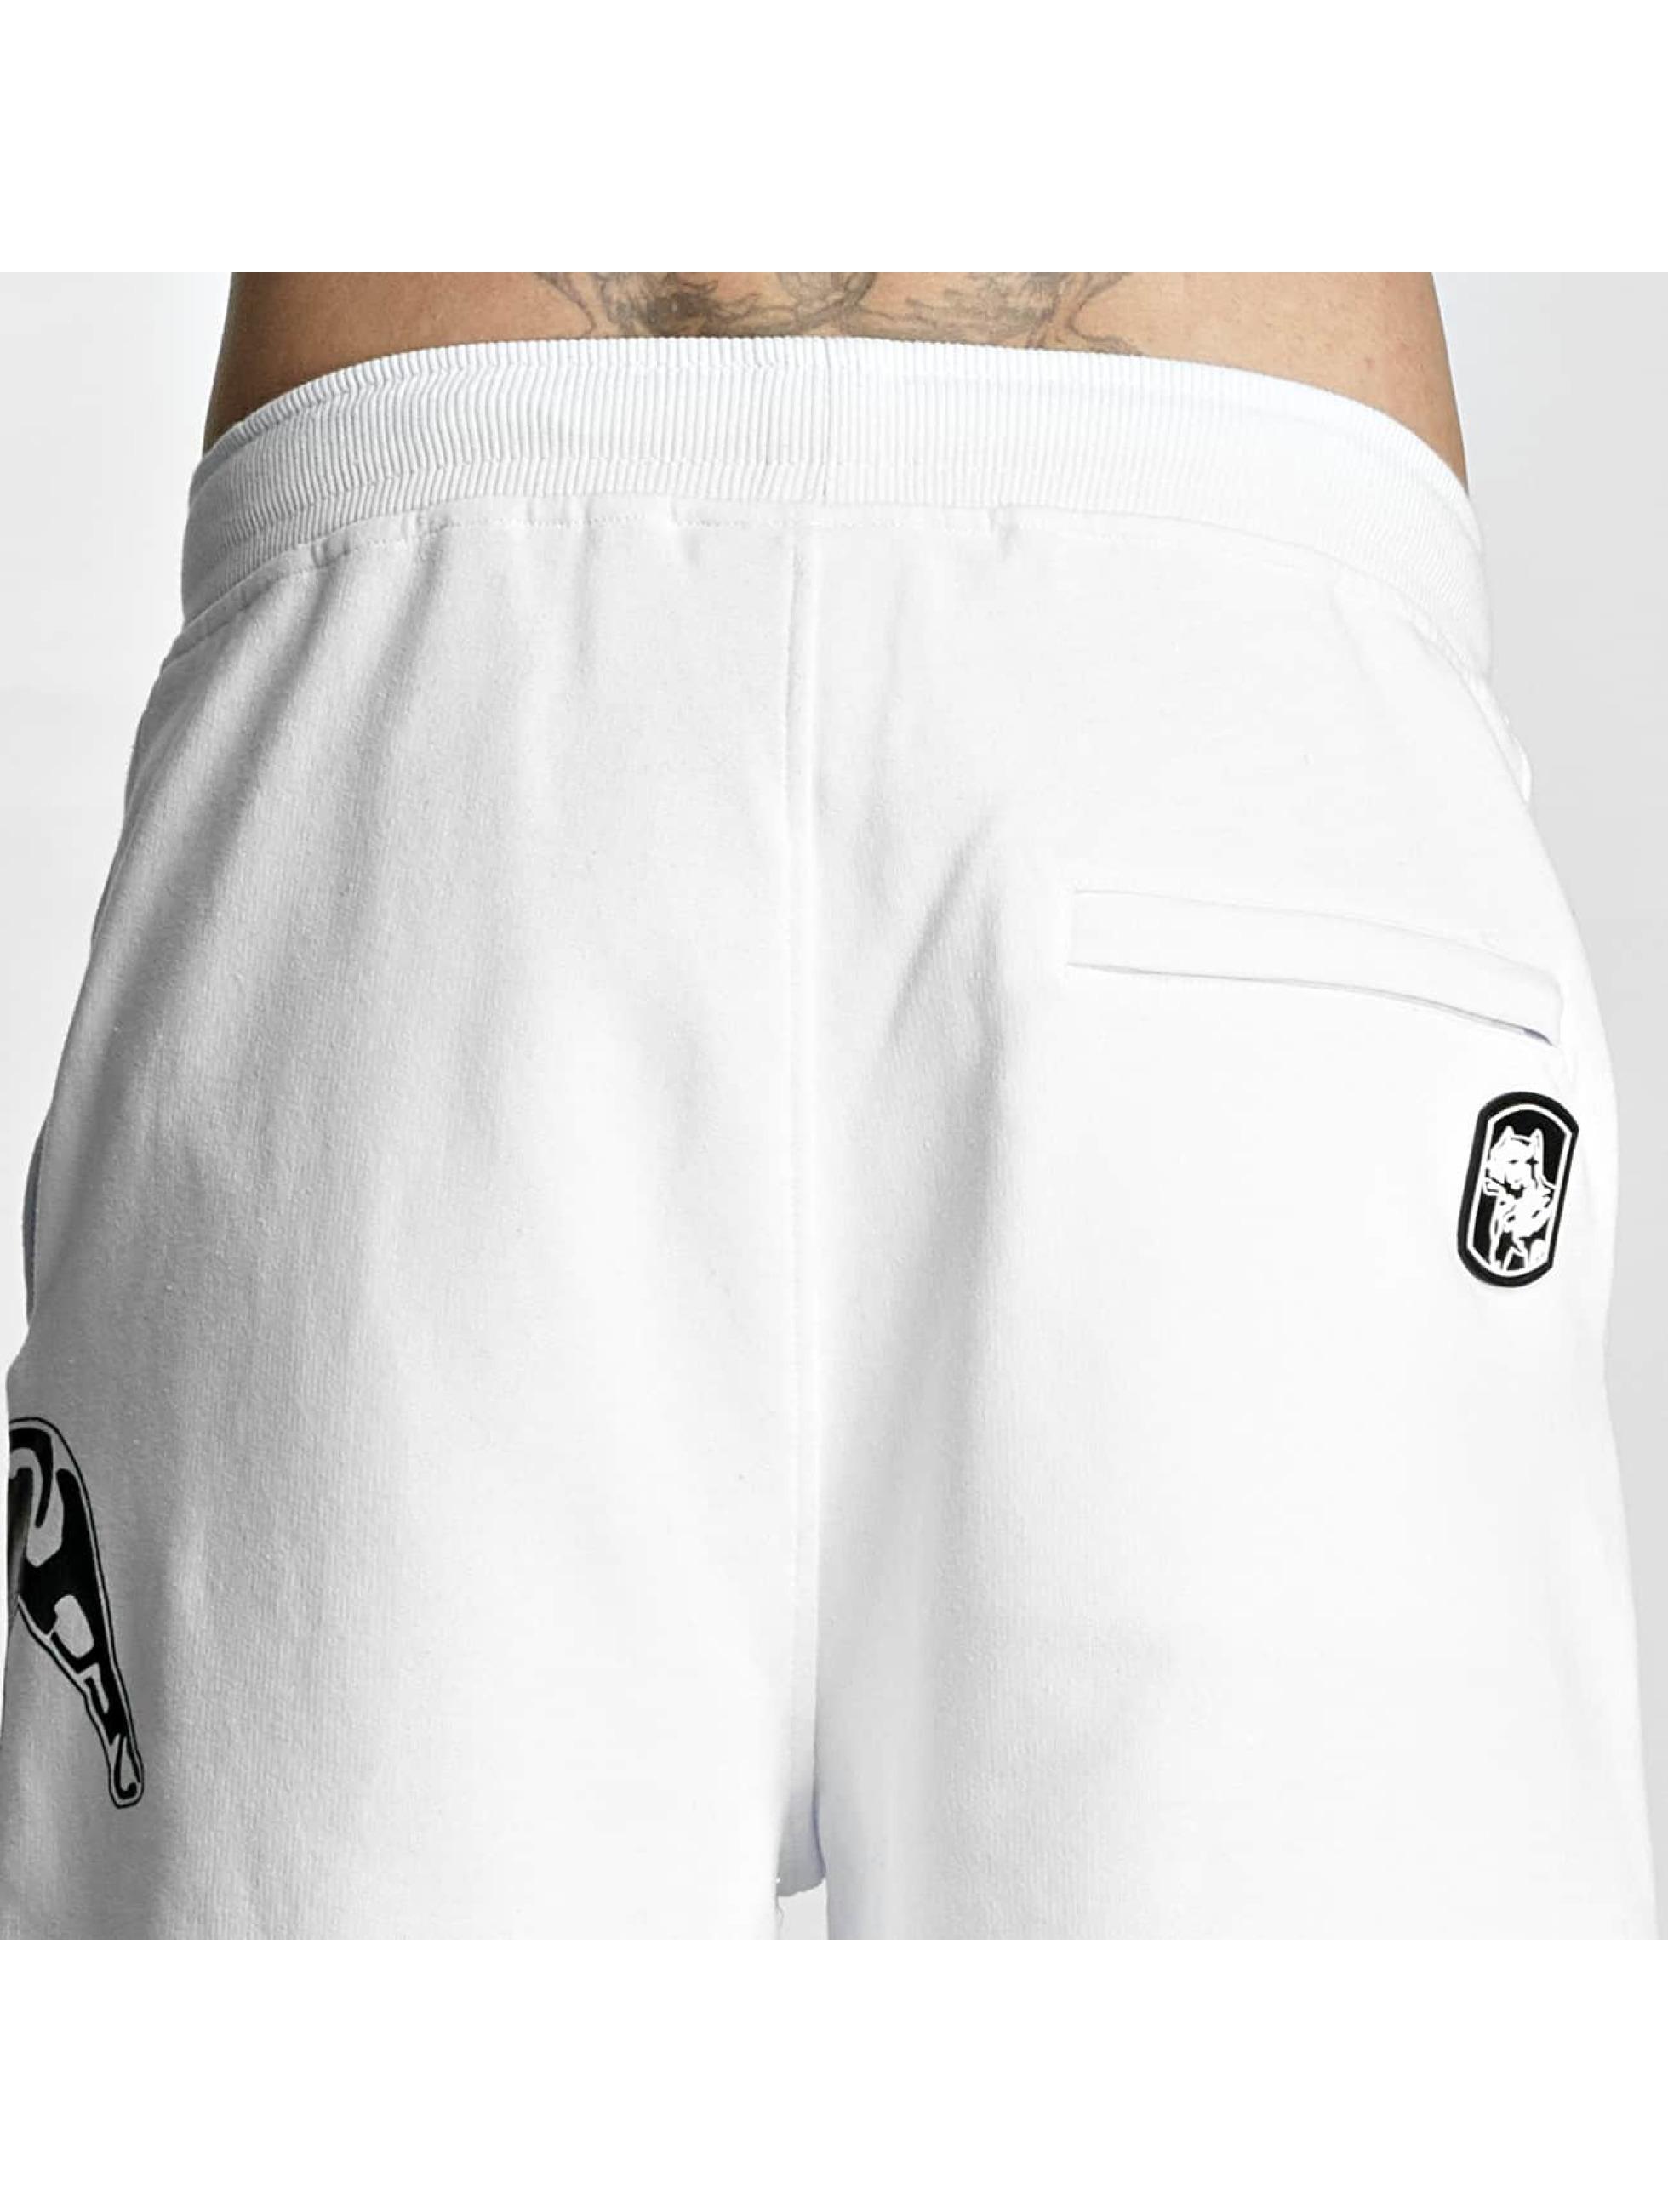 Amstaff shorts Hokus wit